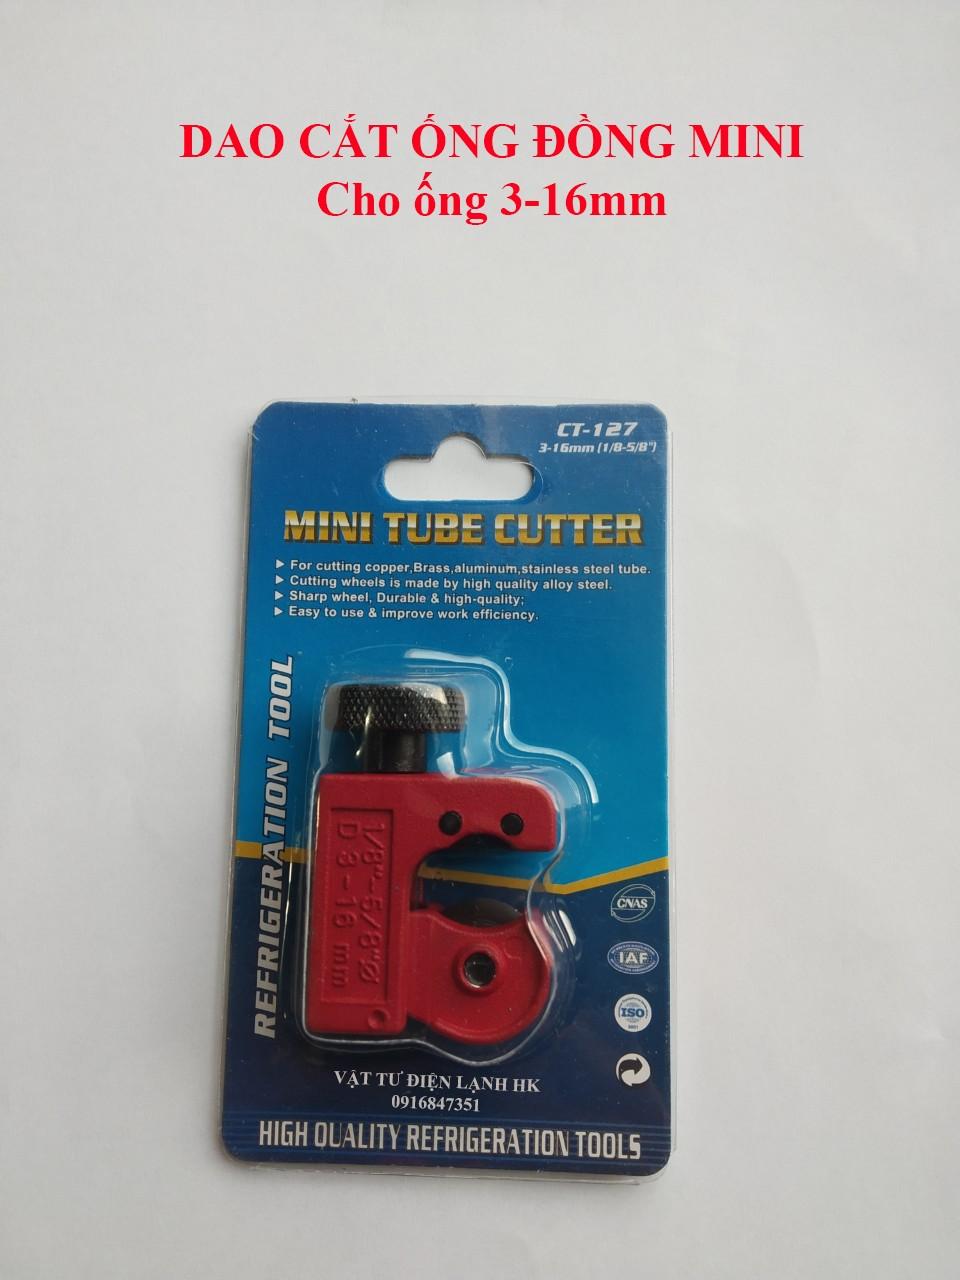 Hình ảnh DAO CẮT ỐNG ĐỒNG MINI CT 127 Dao nhỏ